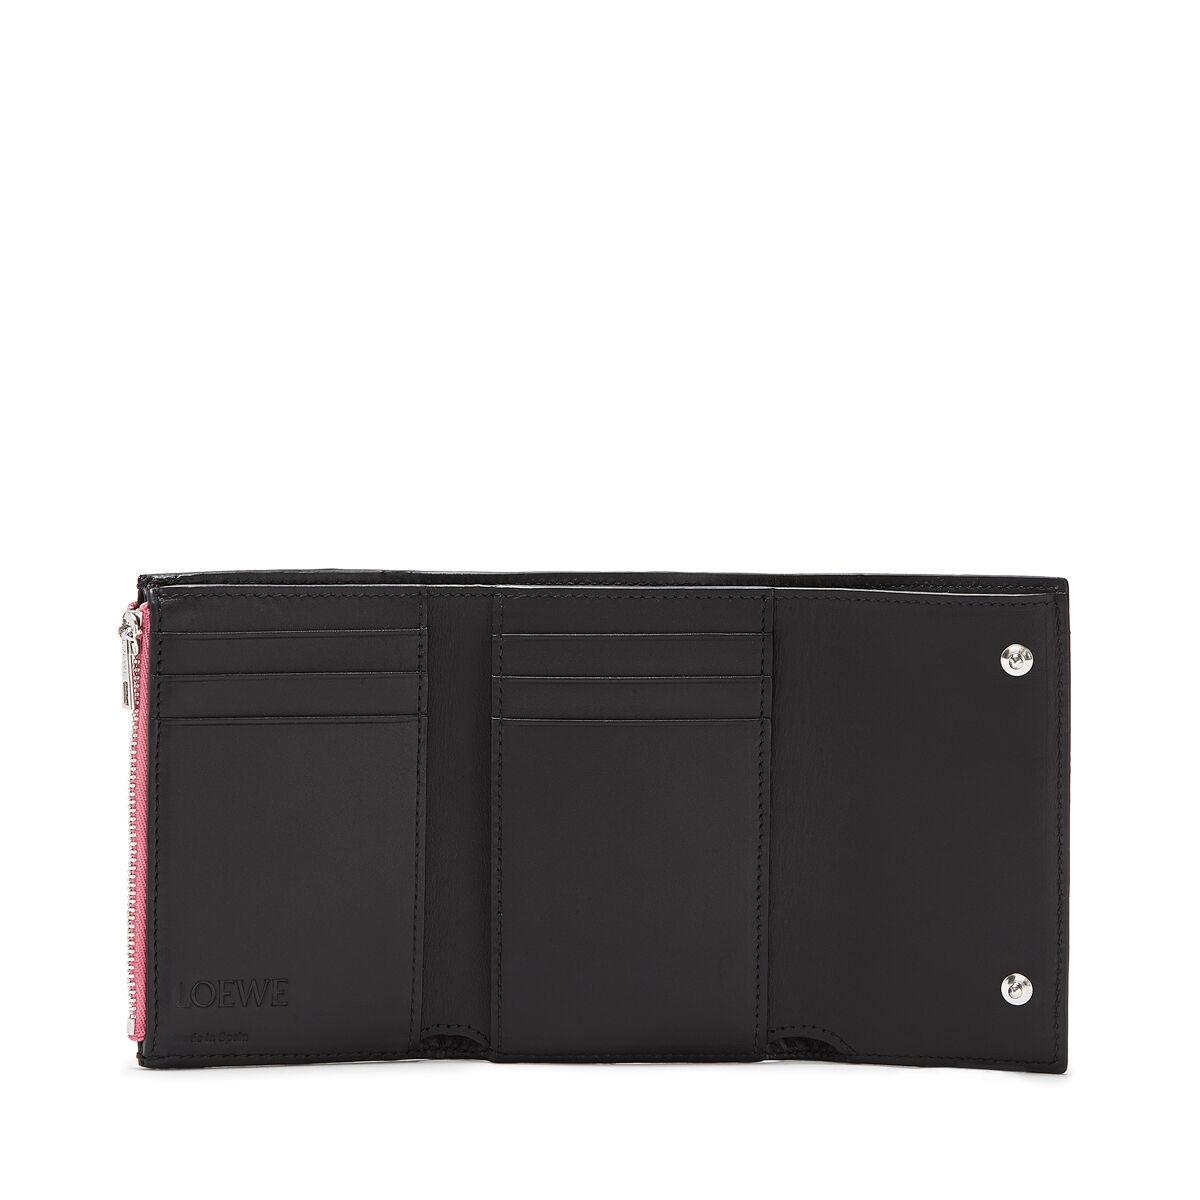 LOEWE Small Vertical Wallet Wild Rose/Black all